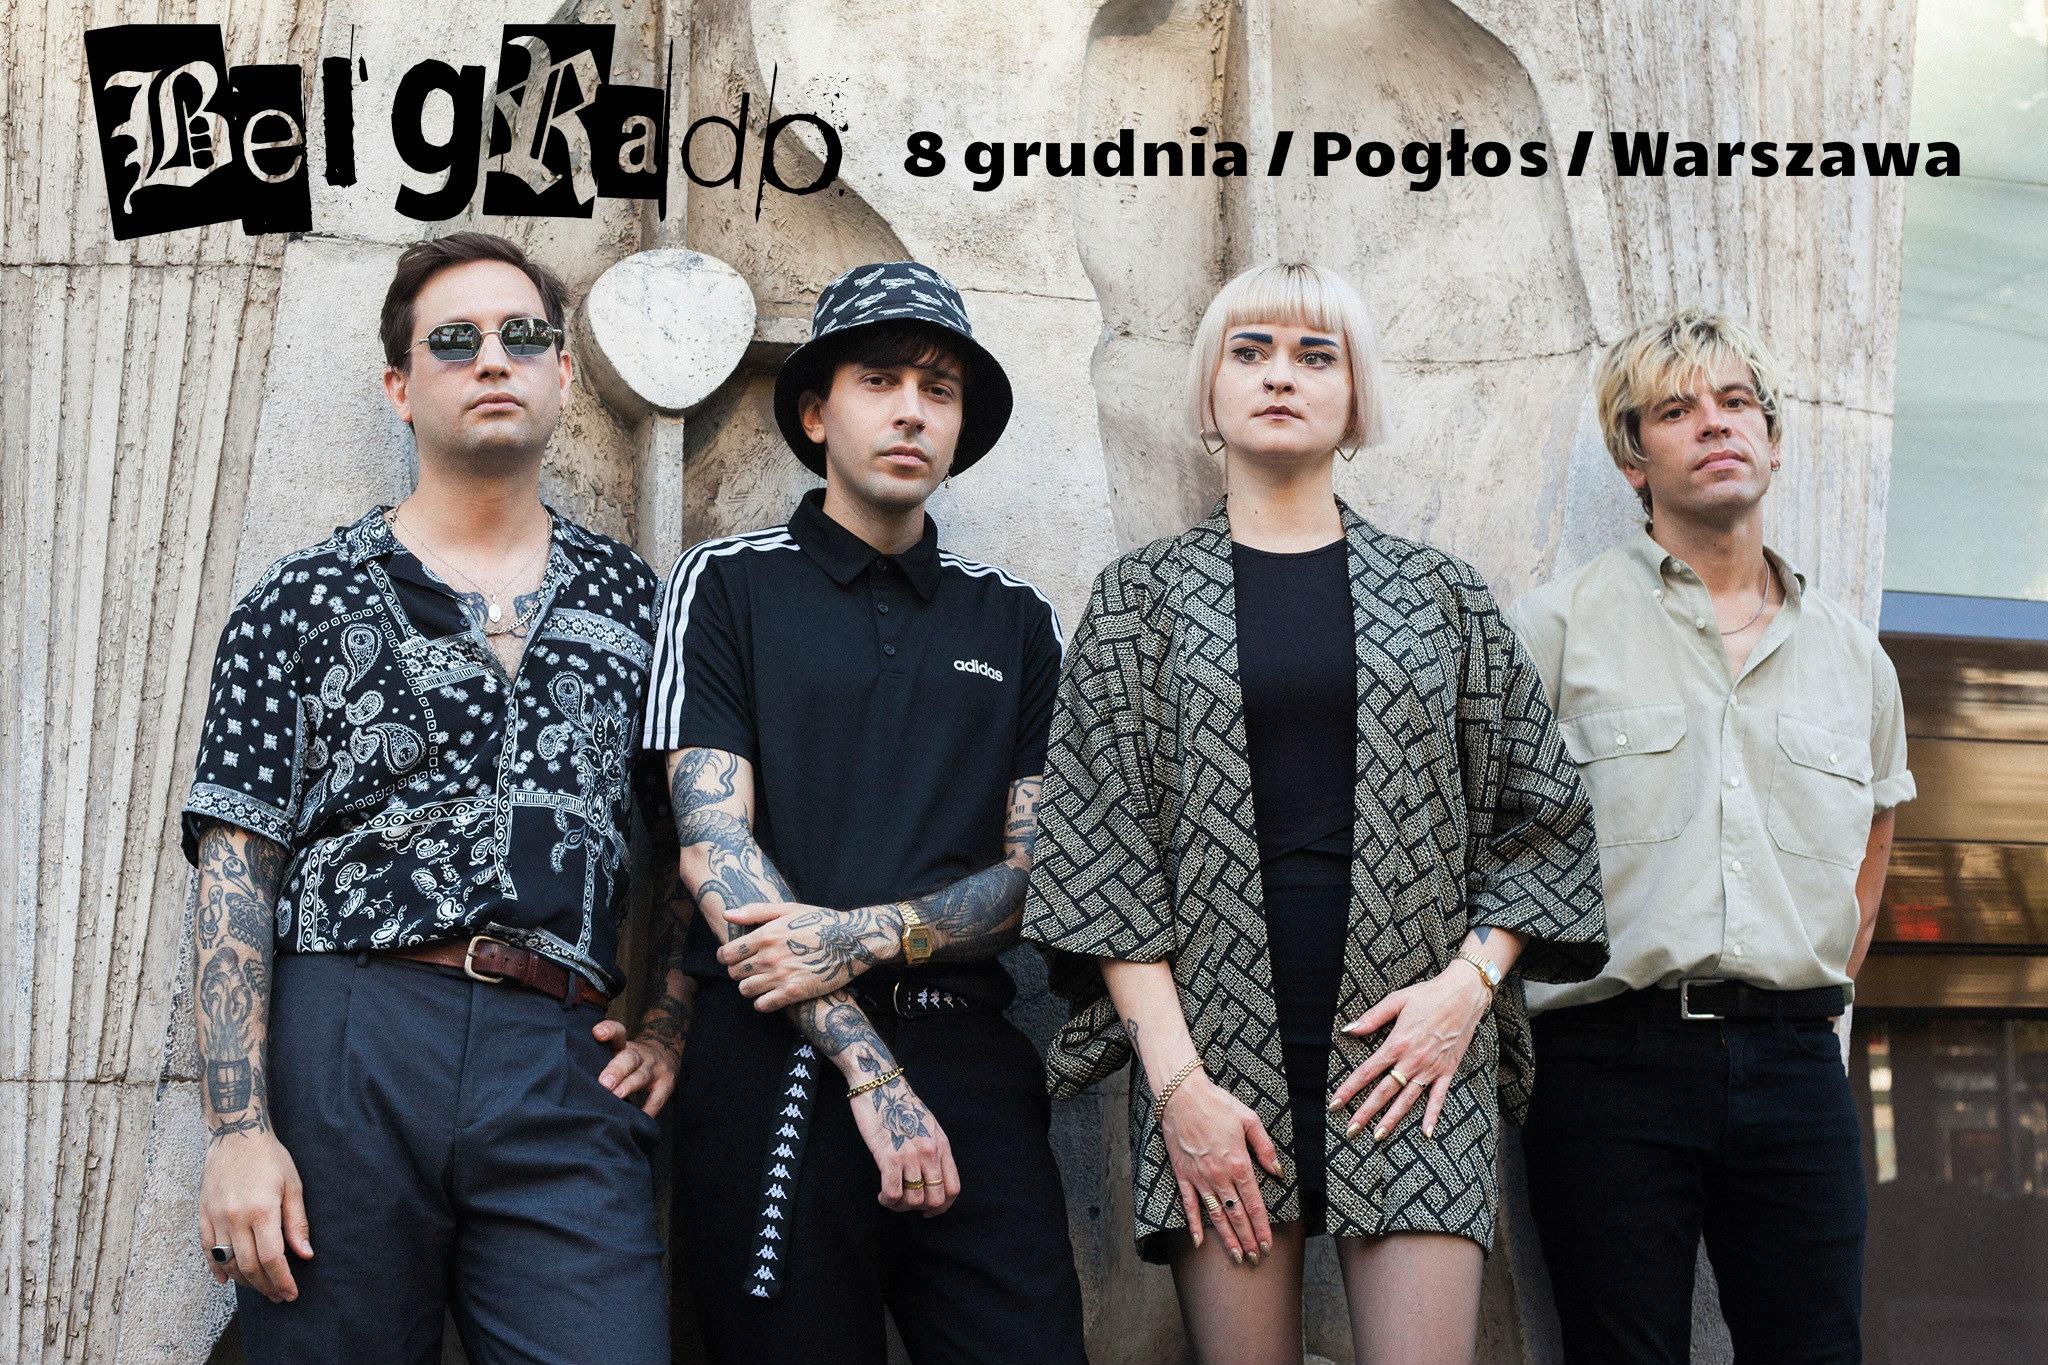 Belgrado (Pogłos - Warszawa - 08.12.2019)